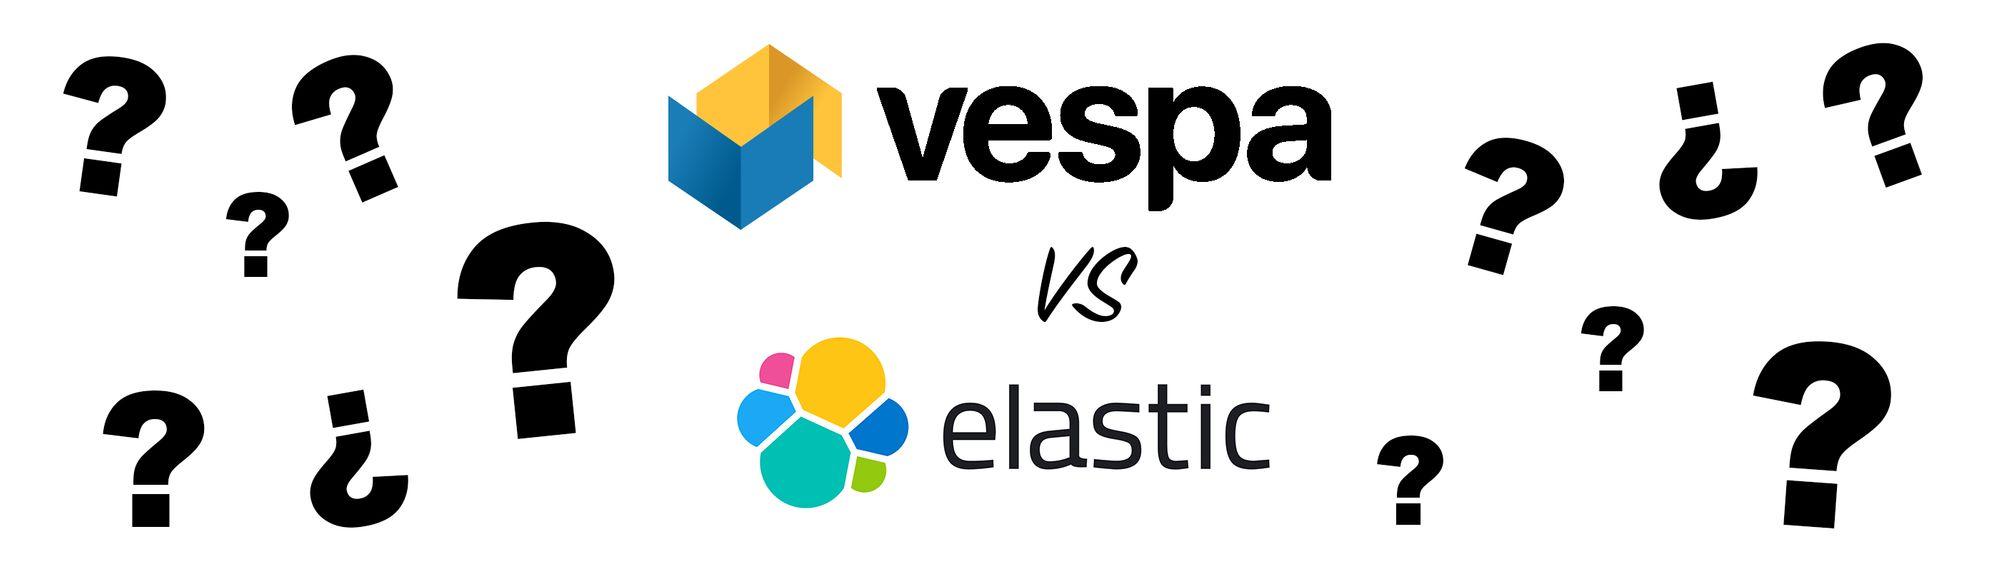 Перевод Vespa лучше Elasticsearch для поиска пар среди миллионов мужчин и женщин